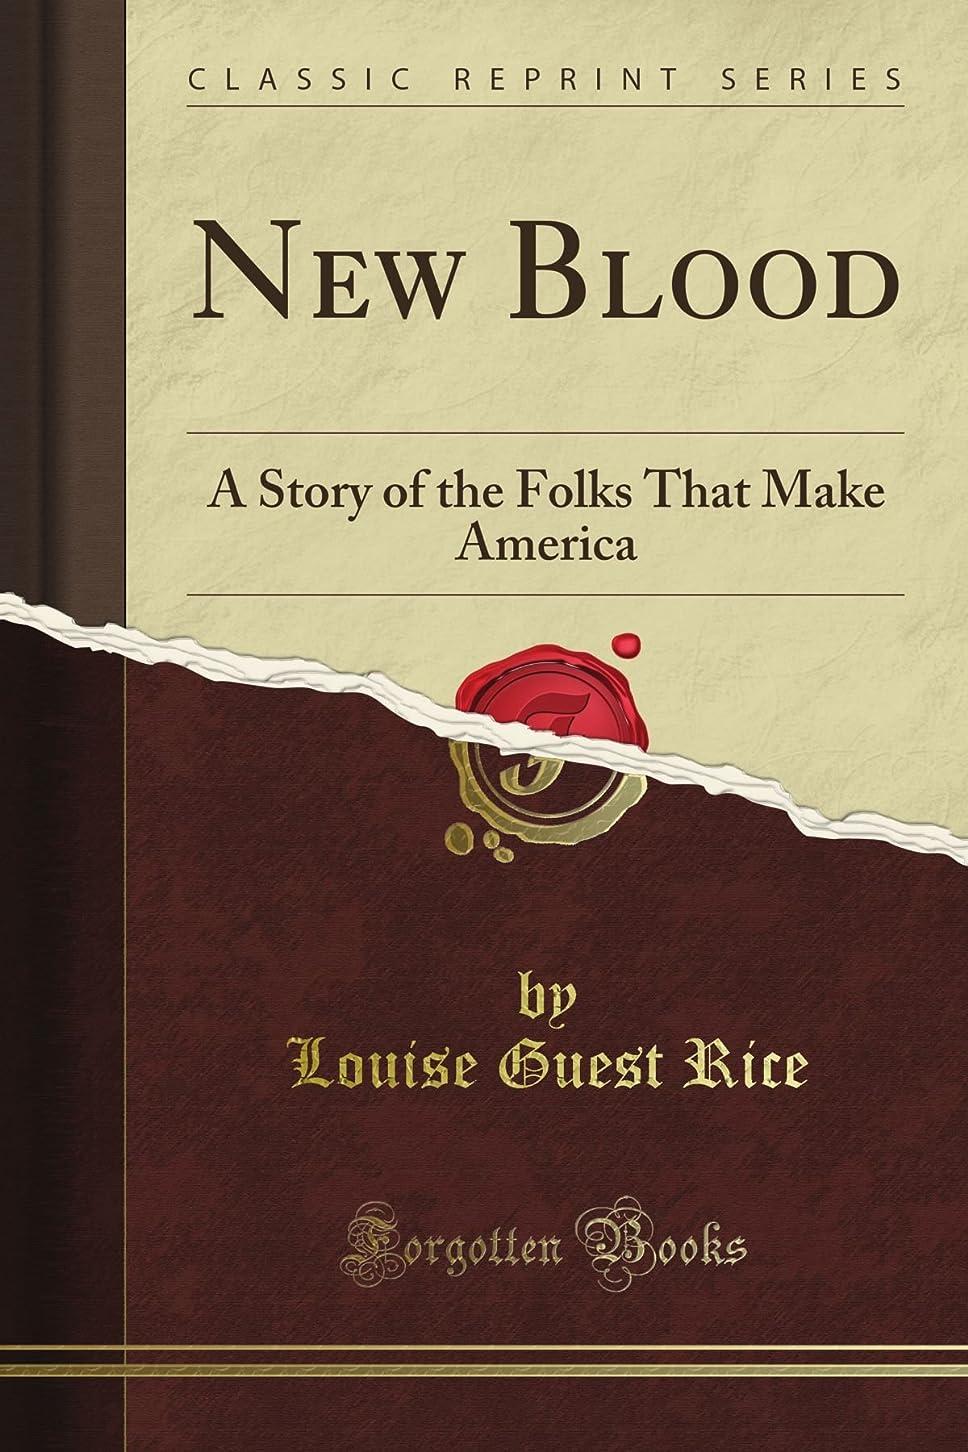 不公平ファウル課すNew Blood: A Story of the Folks That Make America (Classic Reprint)